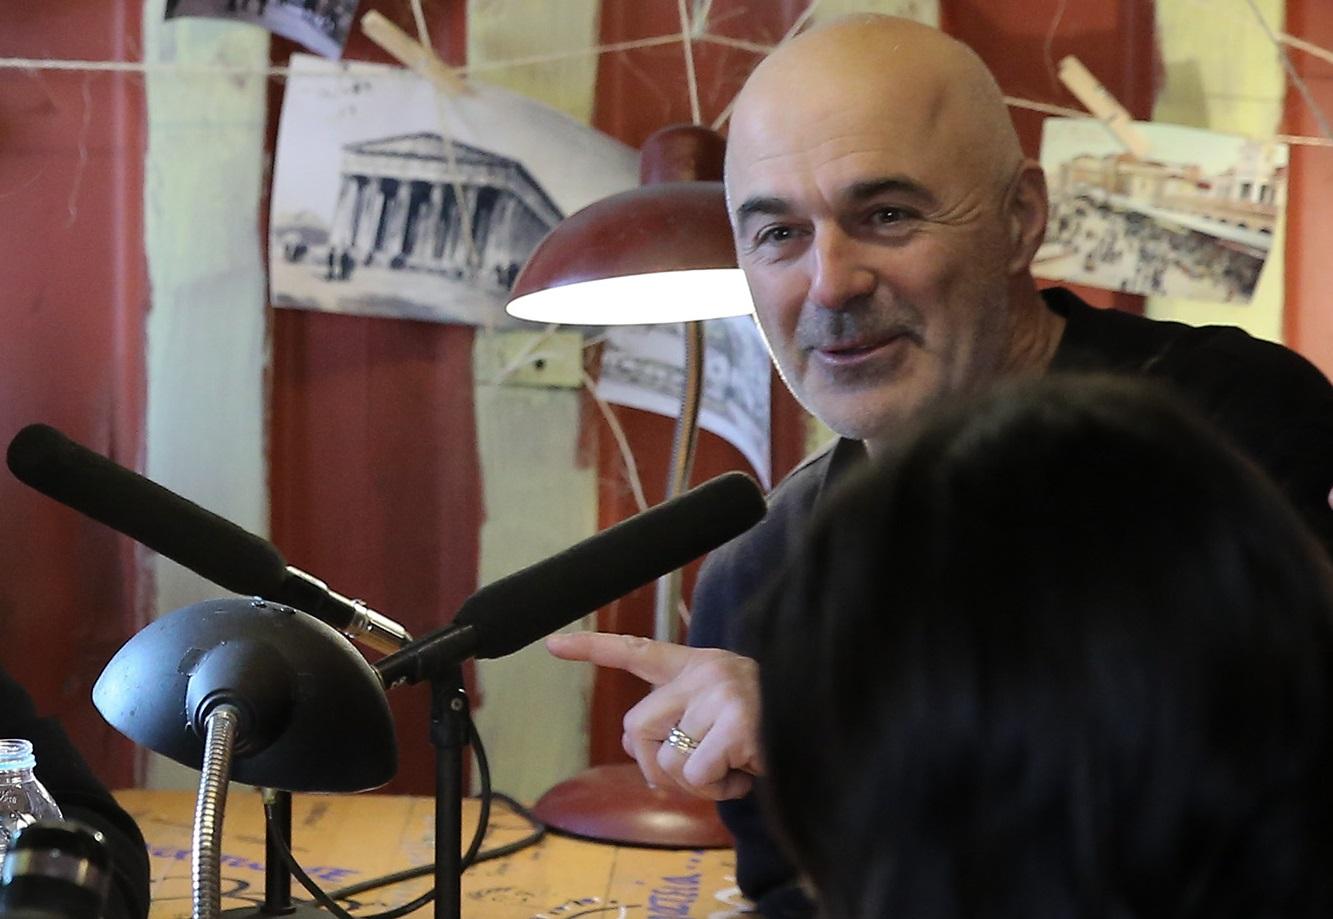 Λιβαθινός: «Είμαι γιος αναπήρου πολέμου» – Η απάντηση στην καταγγελία των ανάπηρων καλλιτεχνών